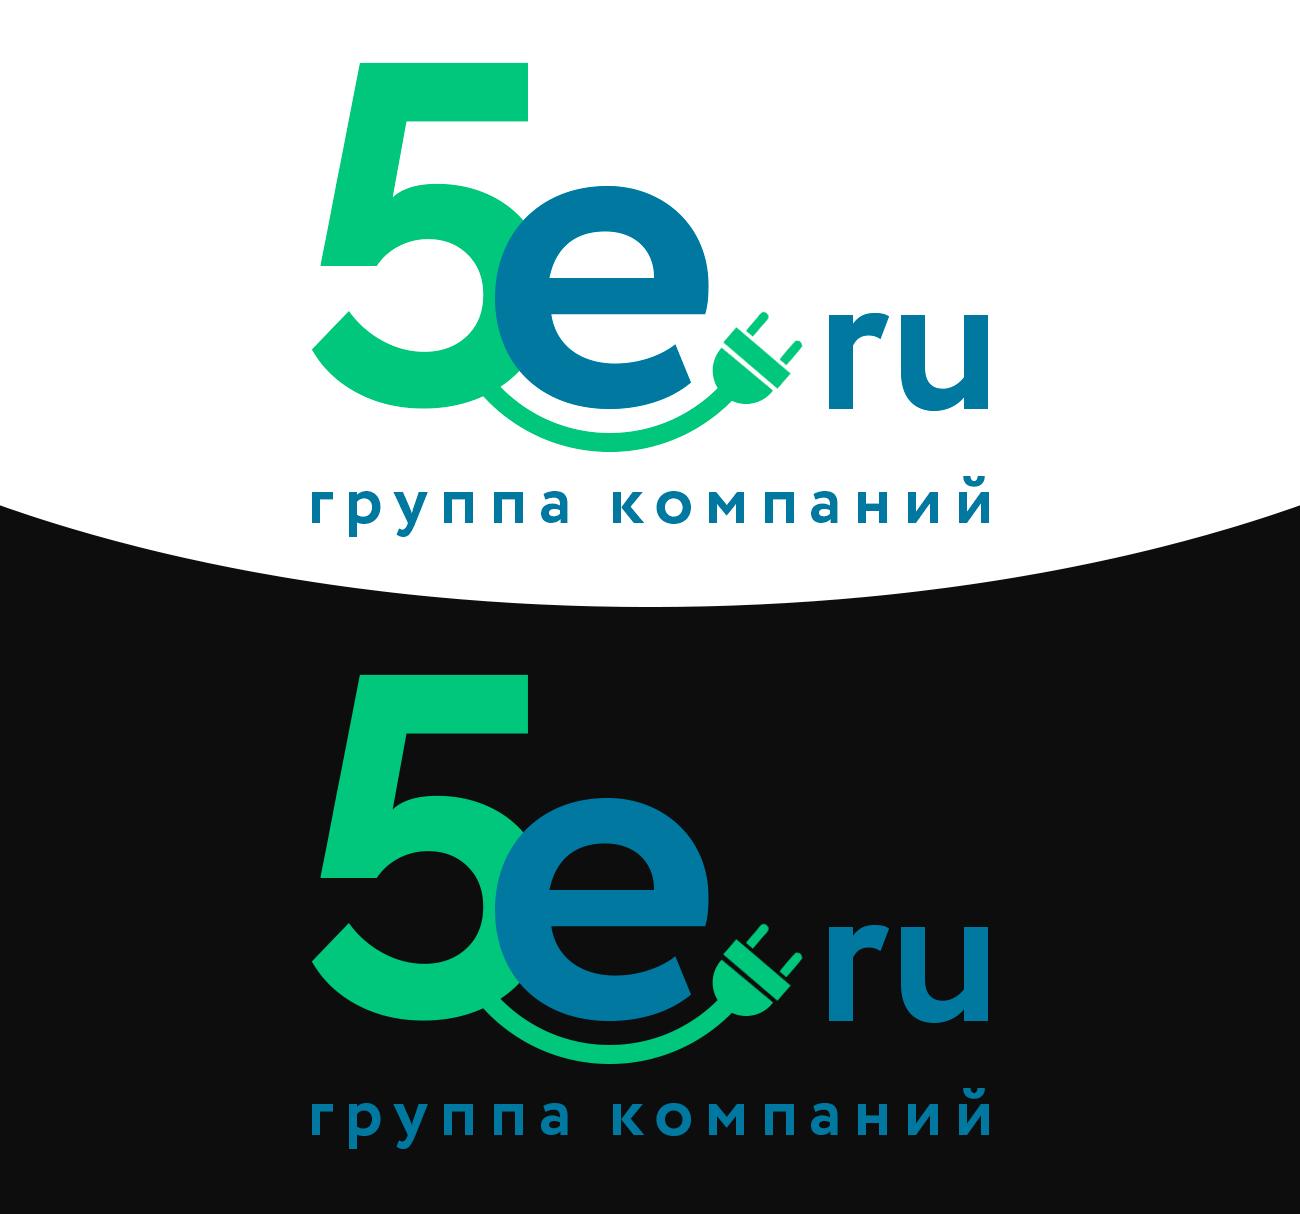 Нарисовать логотип для группы компаний  фото f_5435cdc6bb1ad856.jpg